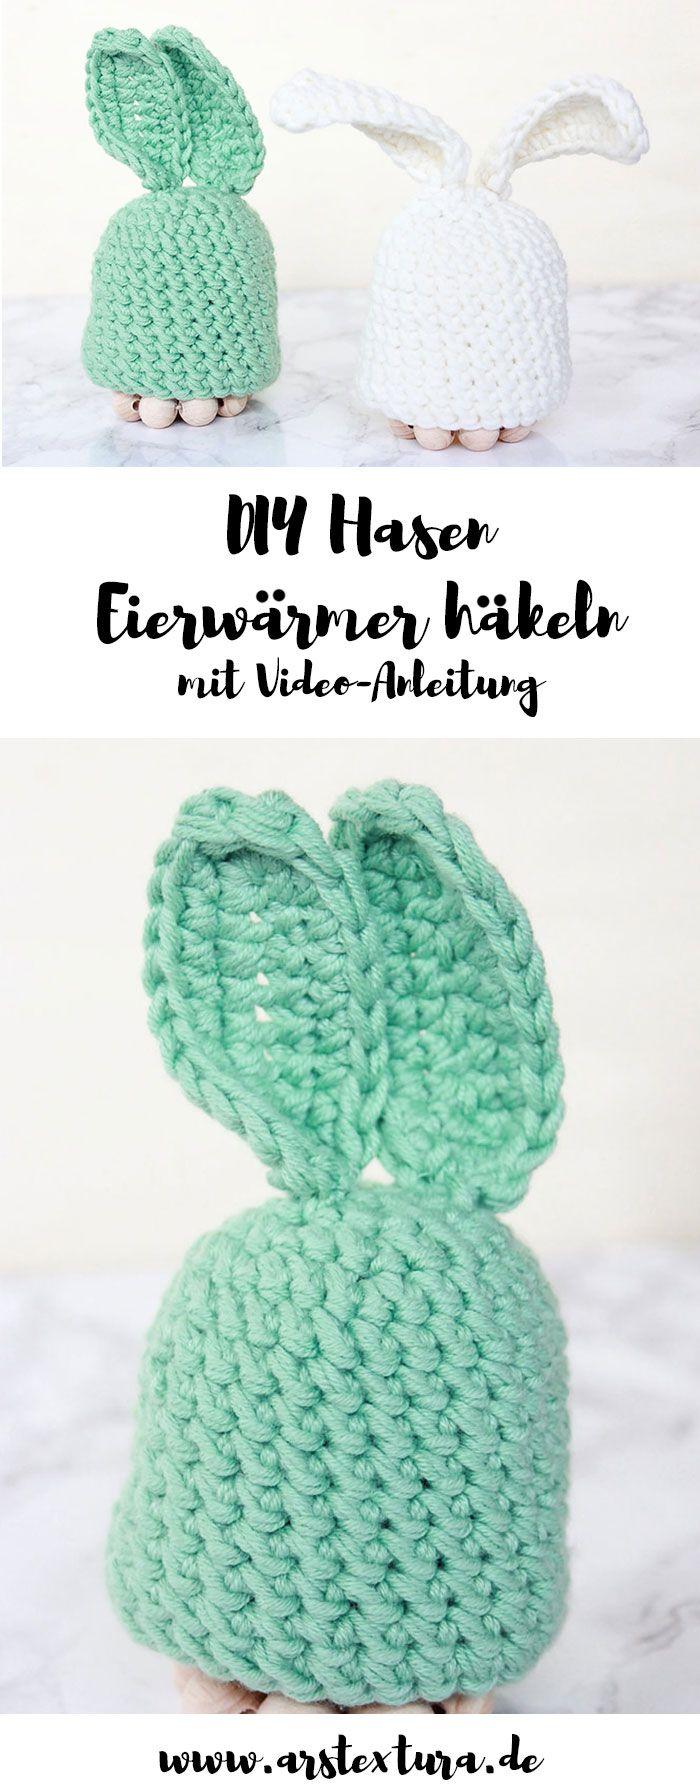 Anleitung Hasen Eierwärmer Häkeln Häkeln Crochet Knitting